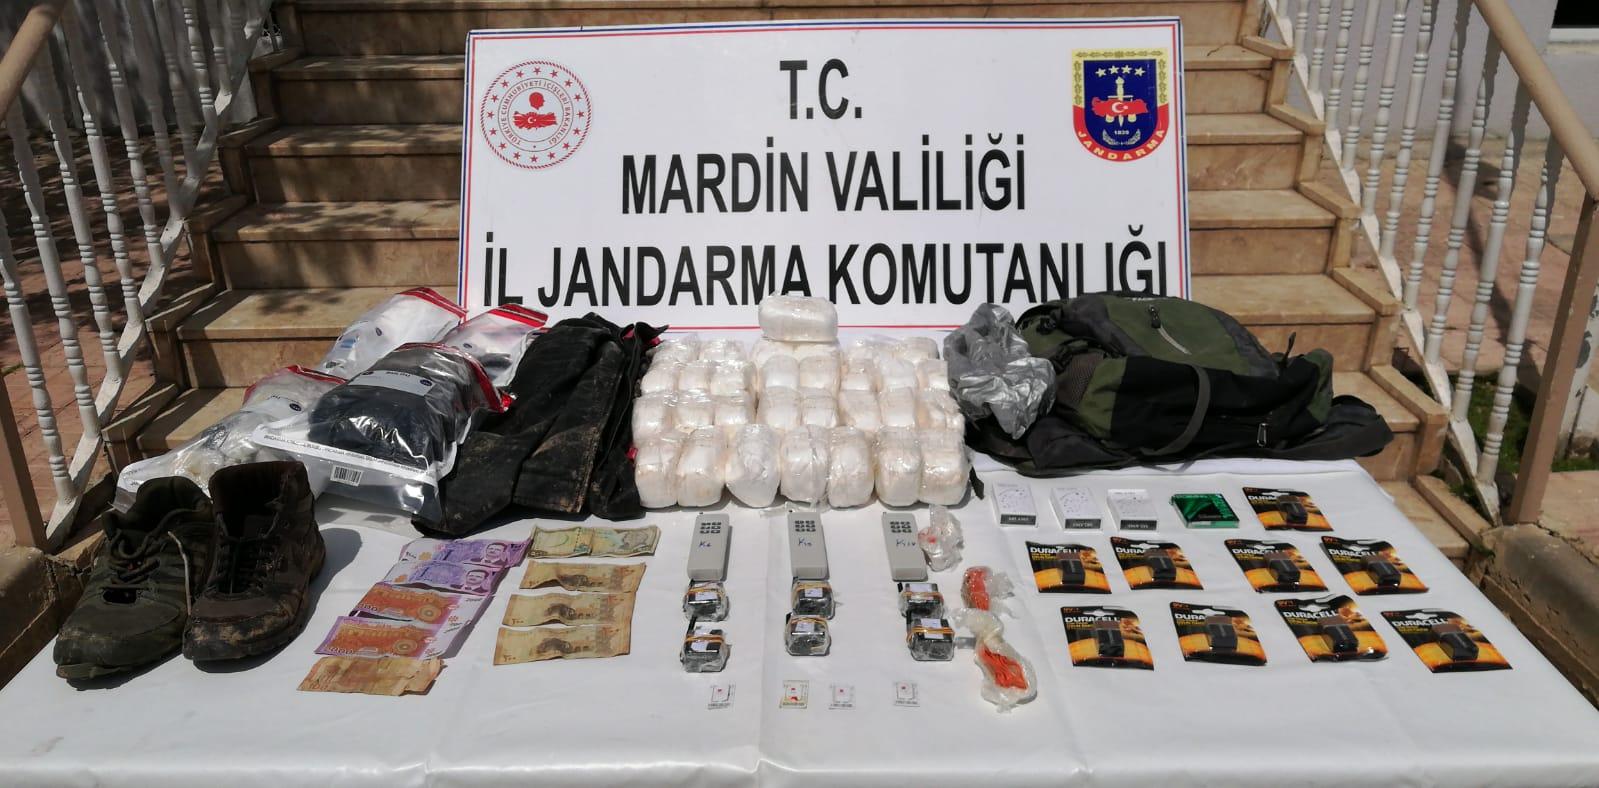 Kızıltepe'de MİT ve TSK'nın ortak operasyonu bombalı saldırıyı önledi